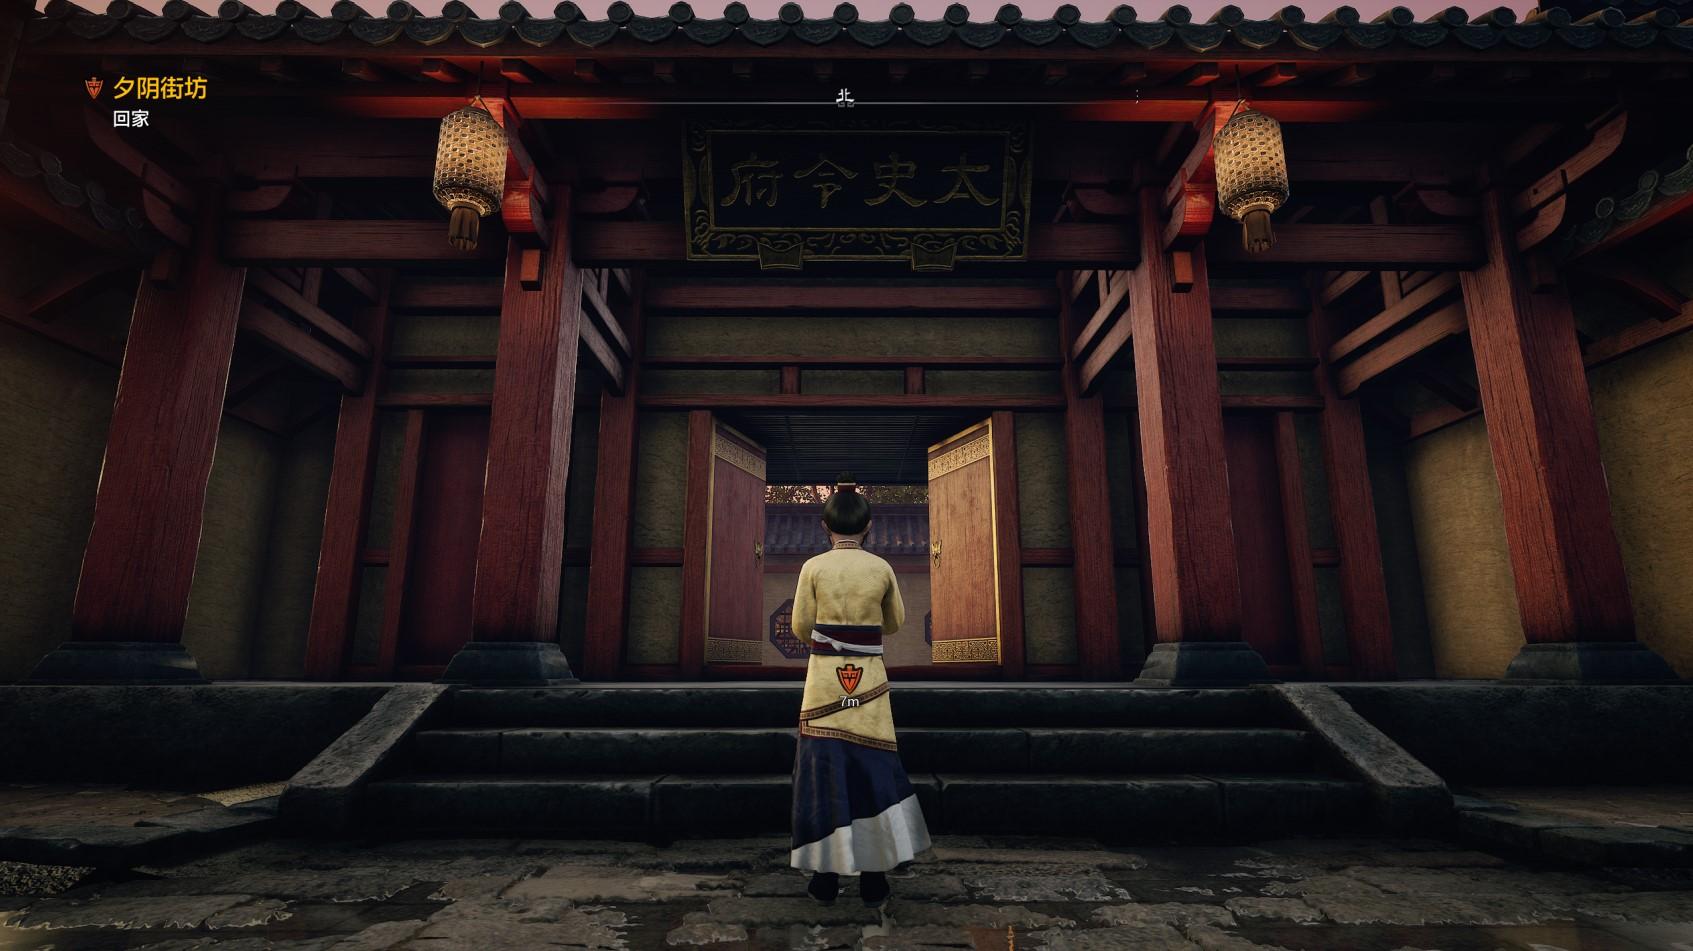 《轩辕剑柒》10月7日推出试玩版 PC配置公布:4代i5+960起步 推荐7代i7+2060